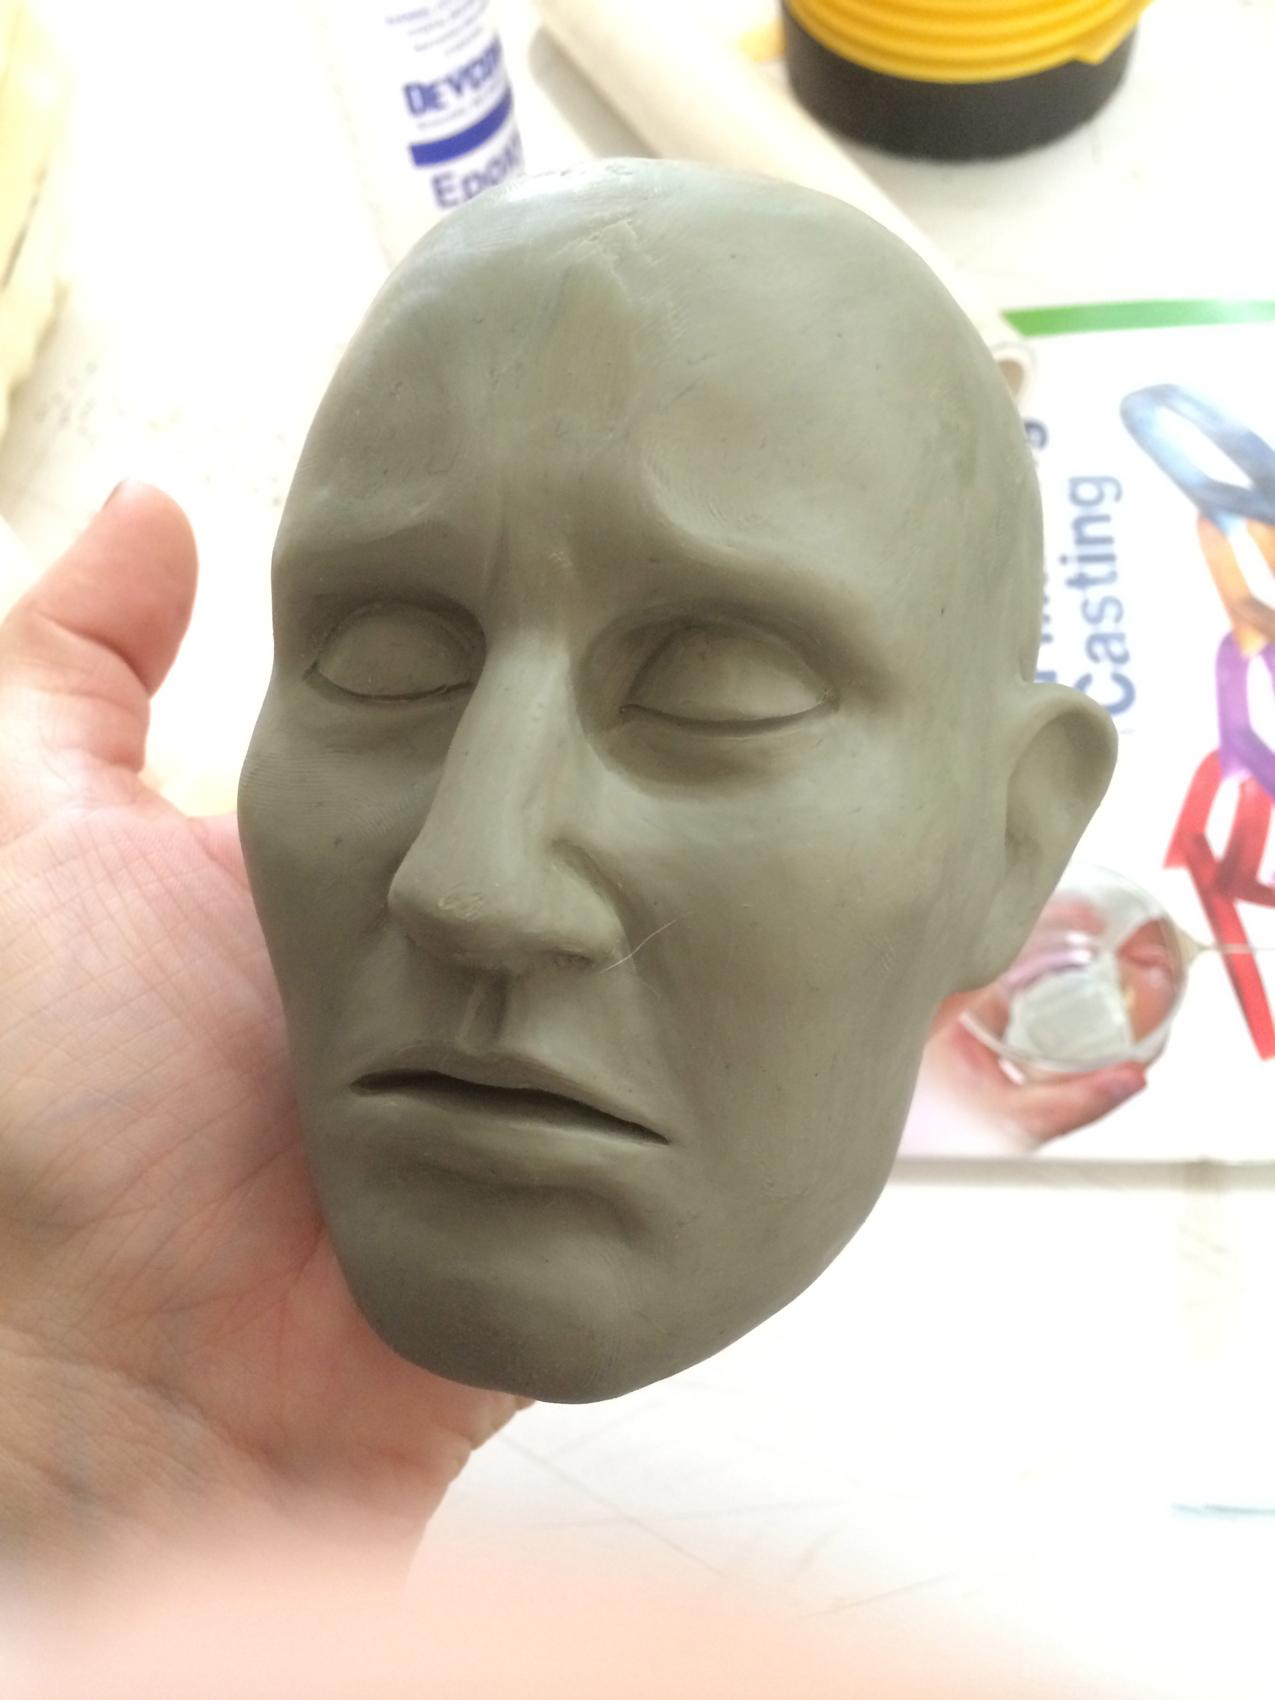 Maggie Grace head sculpt